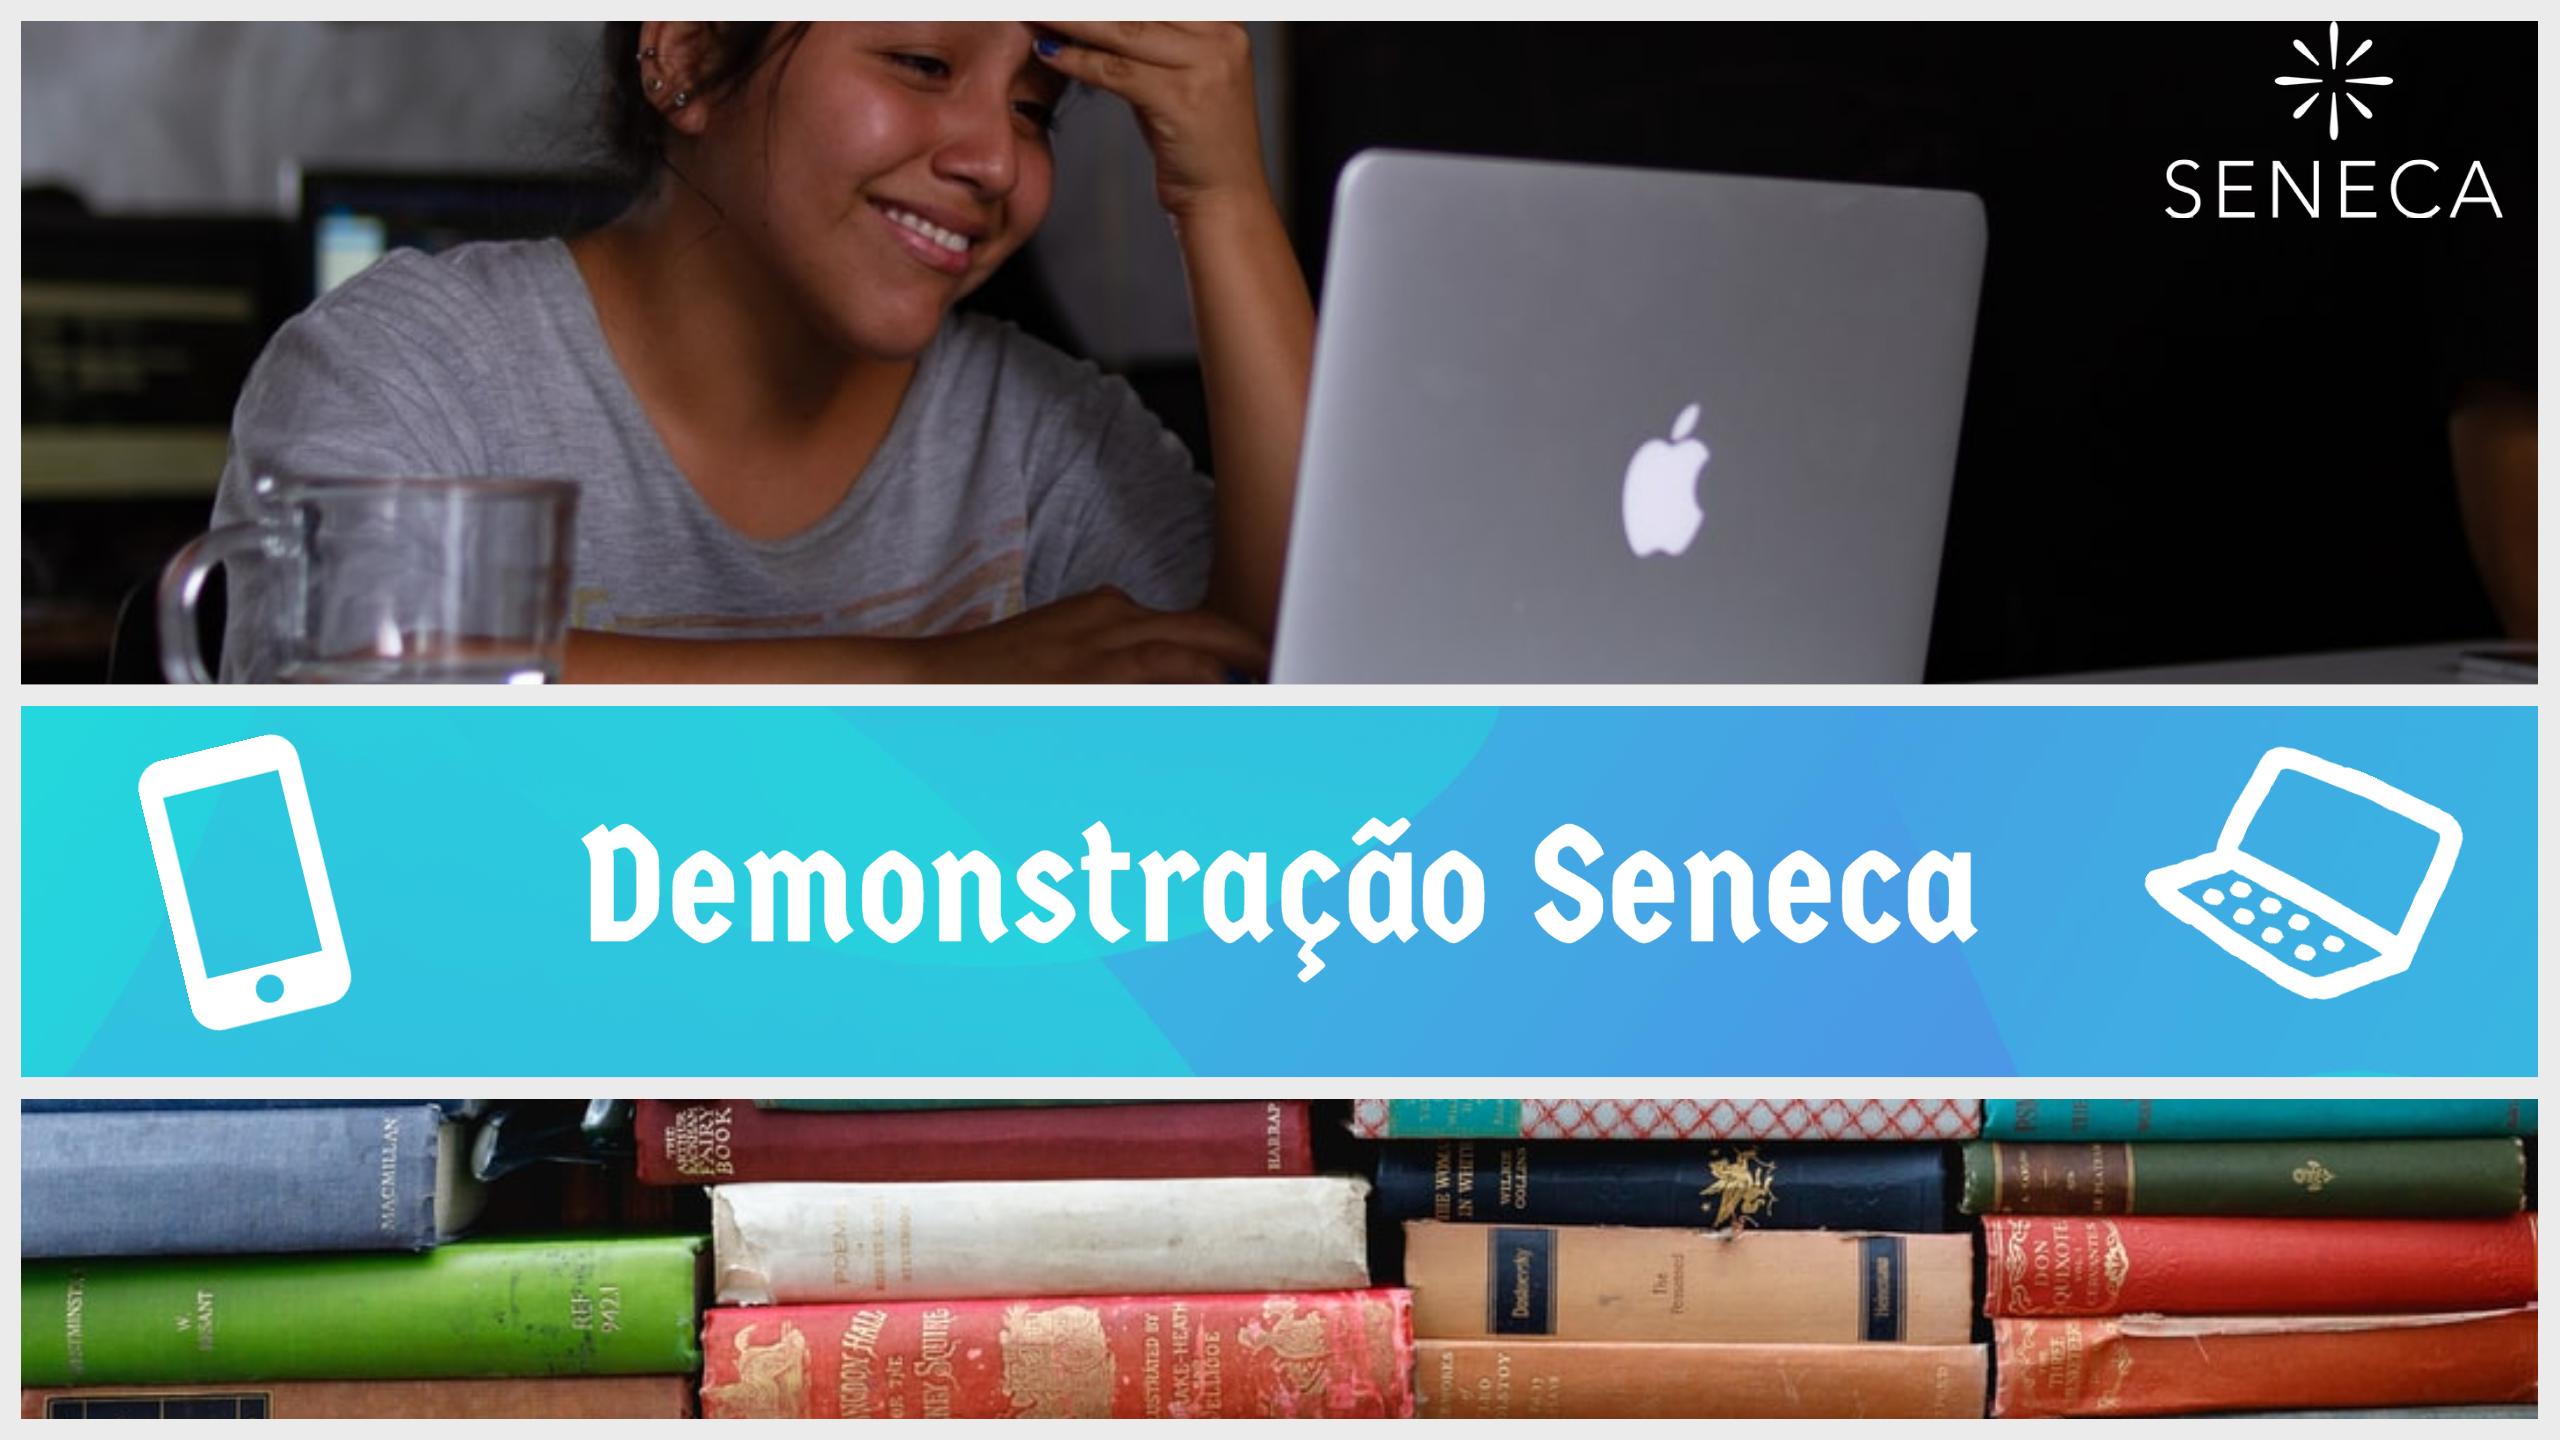 Demonstração Seneca